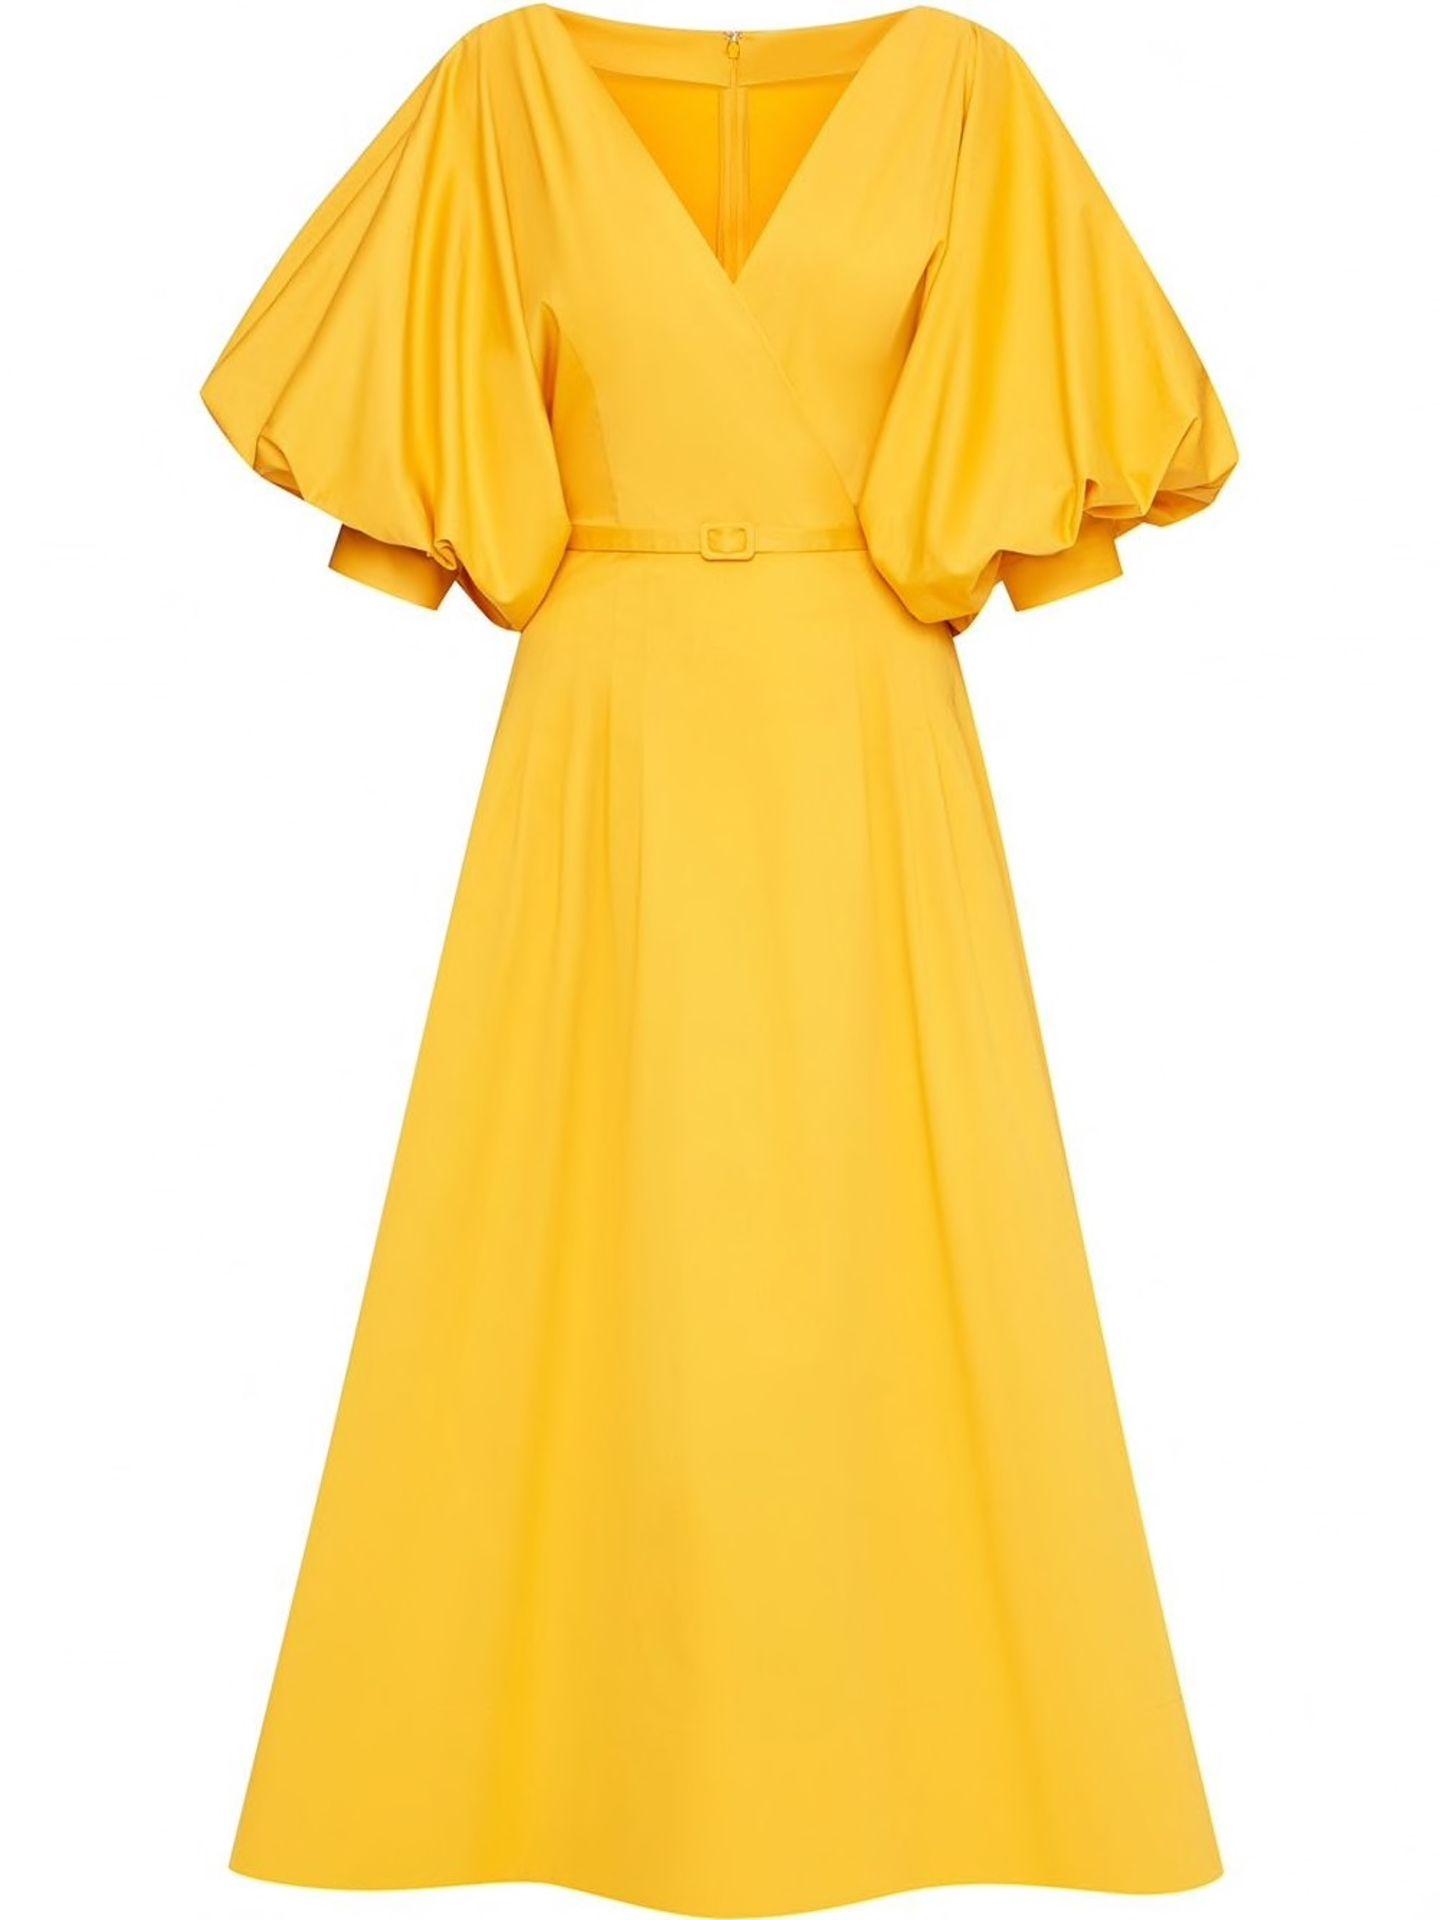 #anyoccasiondress: gelbes Kleid mit Puffärmel